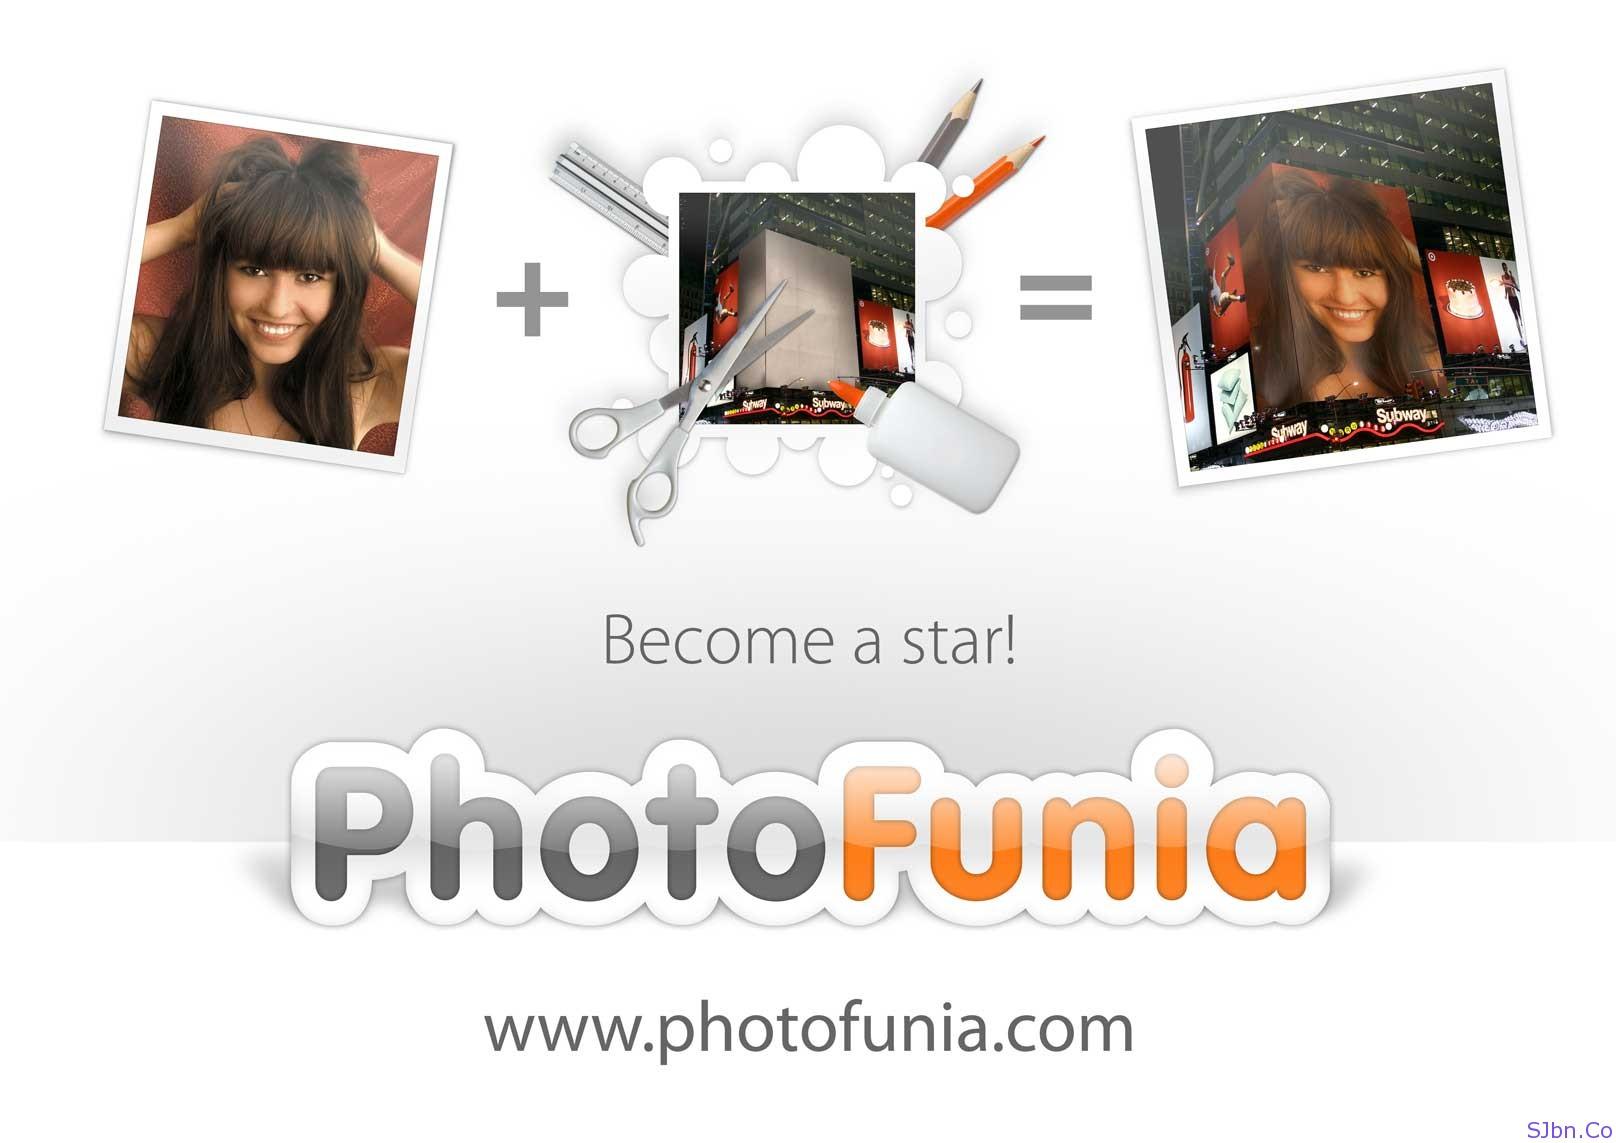 PhotoFunia.com